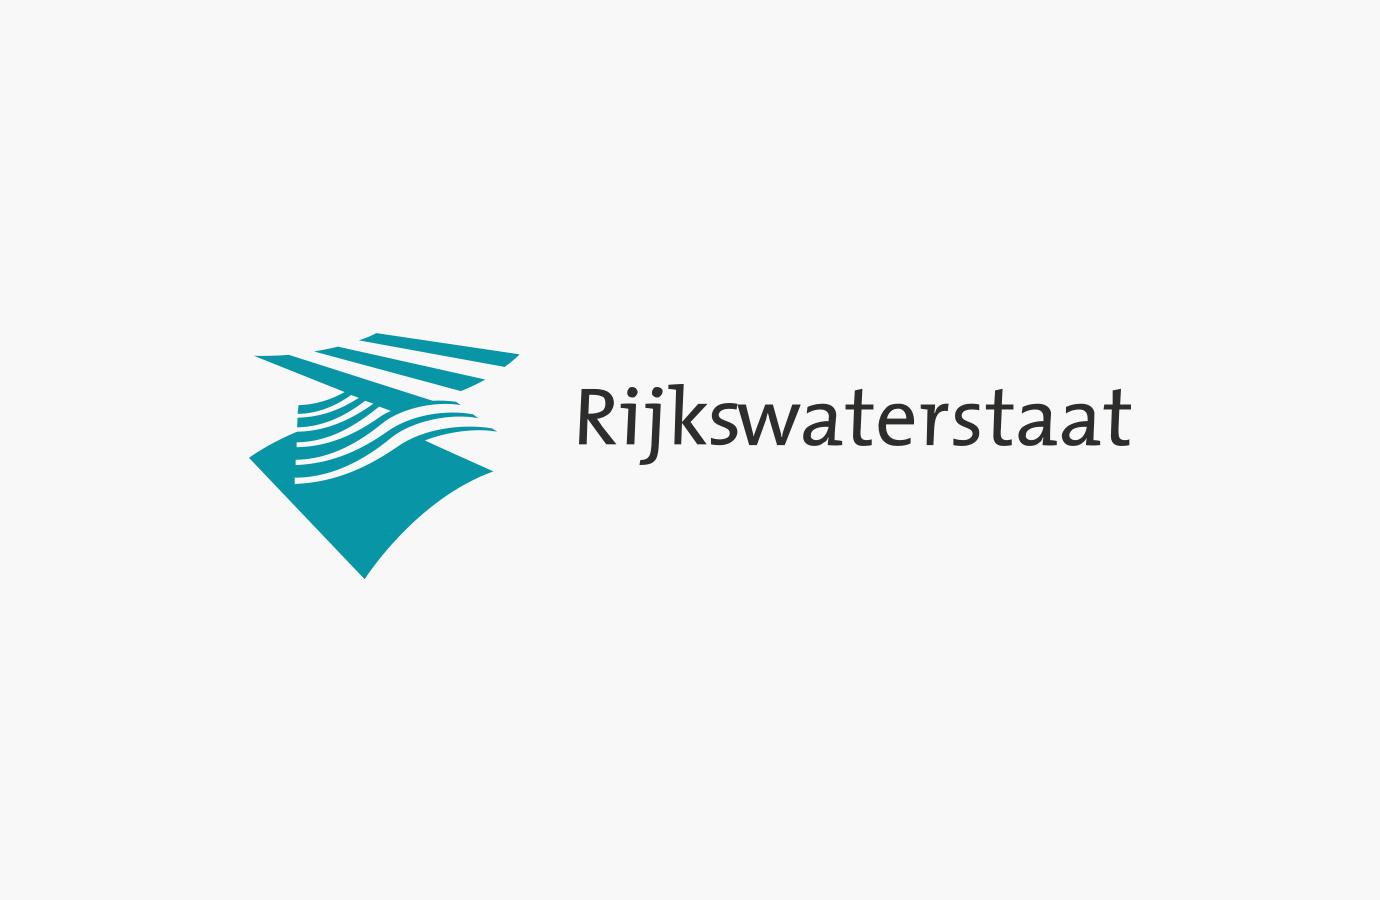 logo _rijkswaterstaat